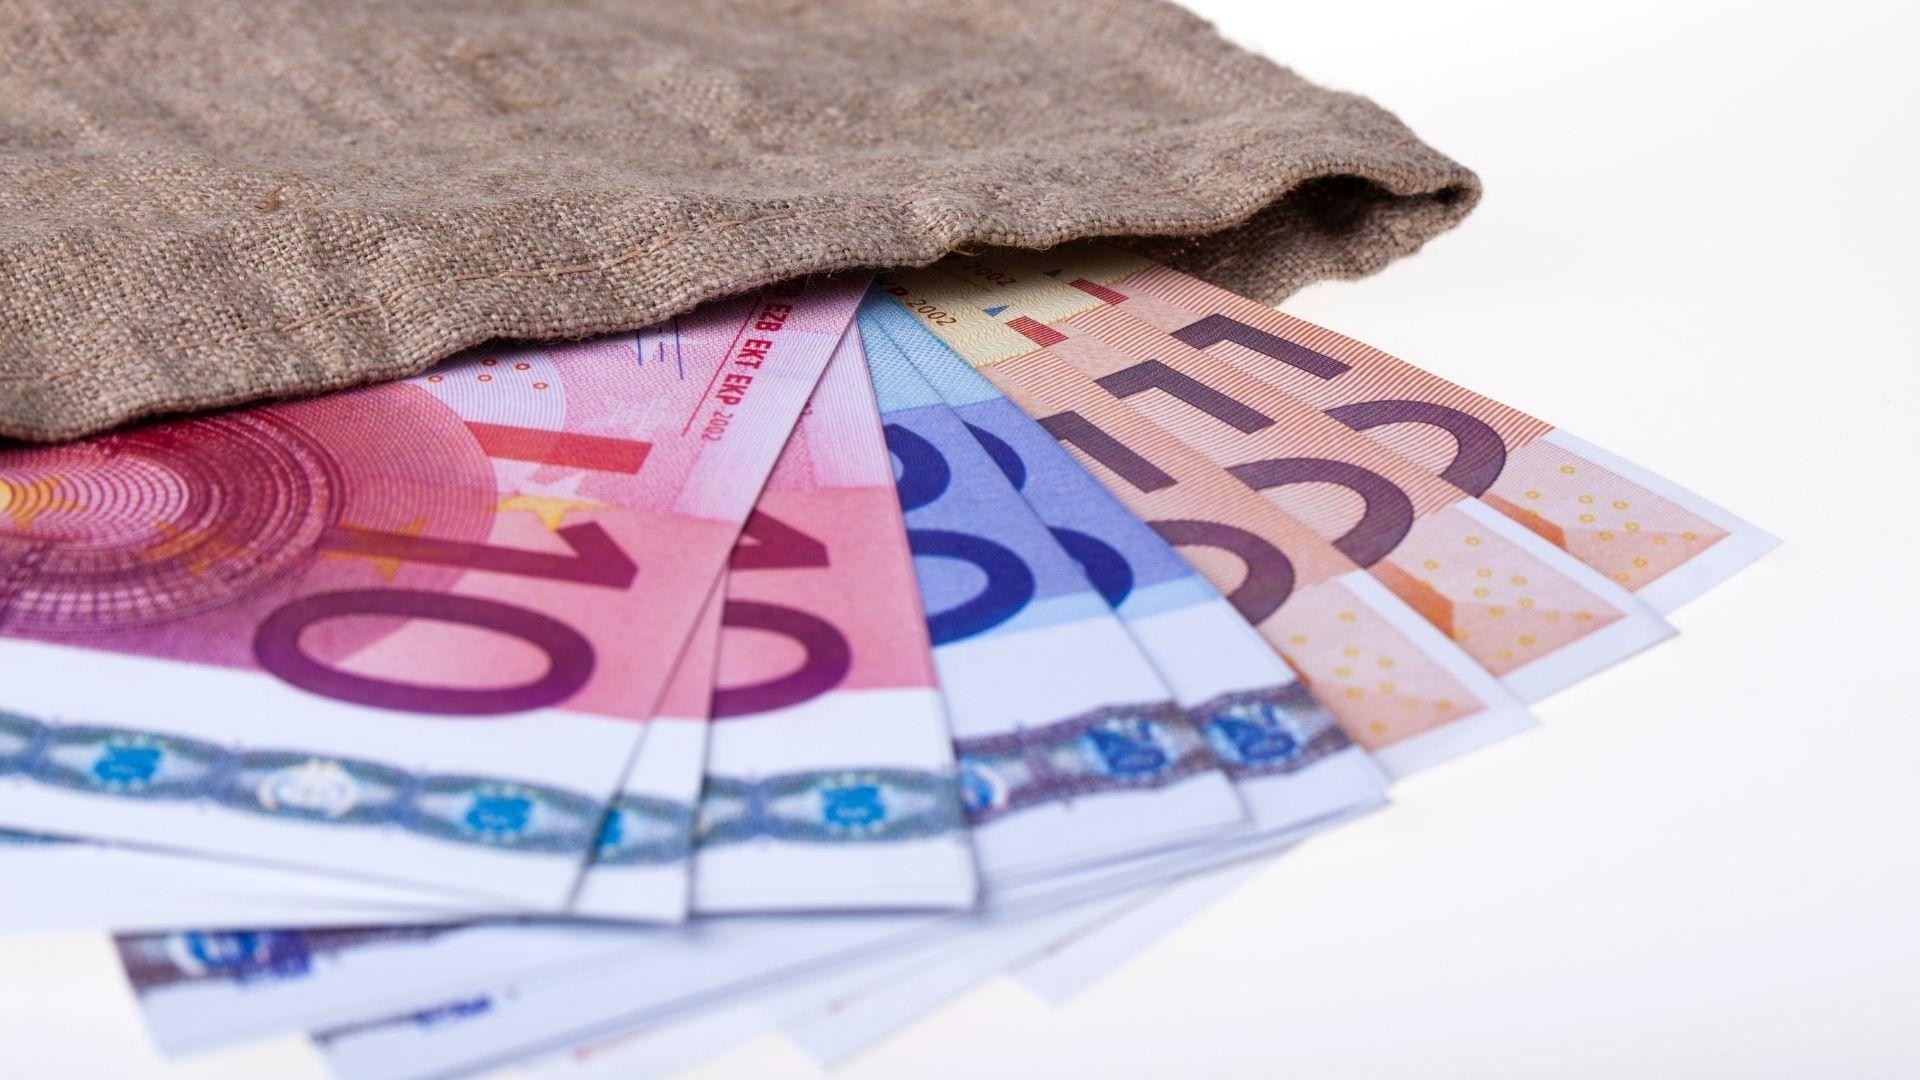 Geldscheine in einem Jutesack, Foto: Lena Balk, Unsplash